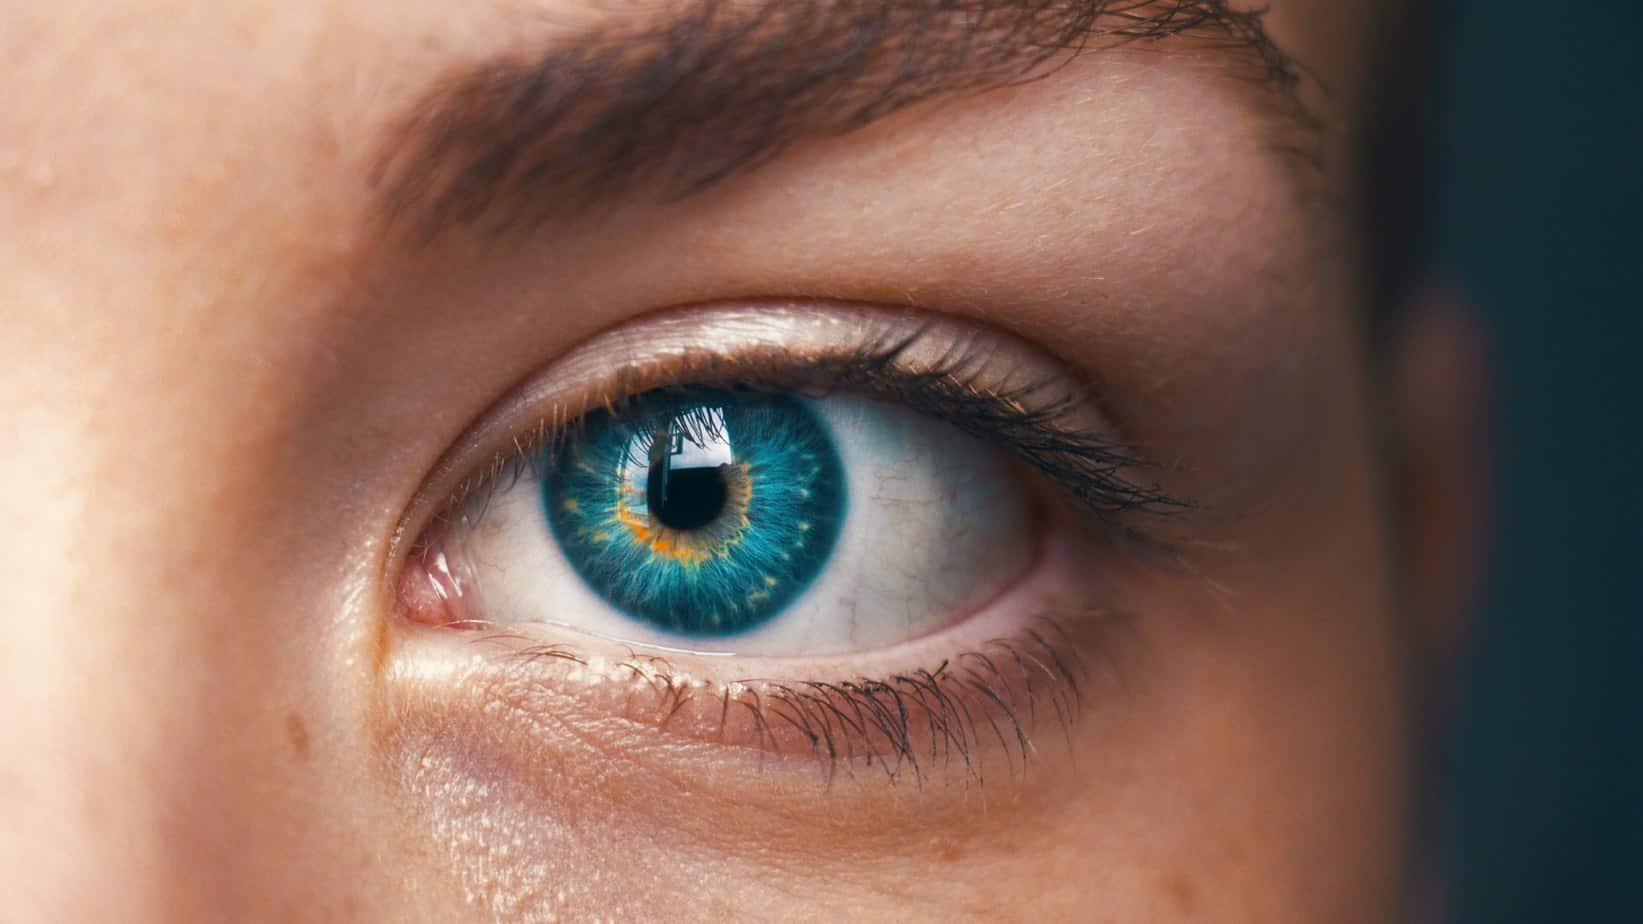 L'iPhone 13 Pro Max est utilisé par un ophtalmo pour regarder les yeux avec le mode macro.